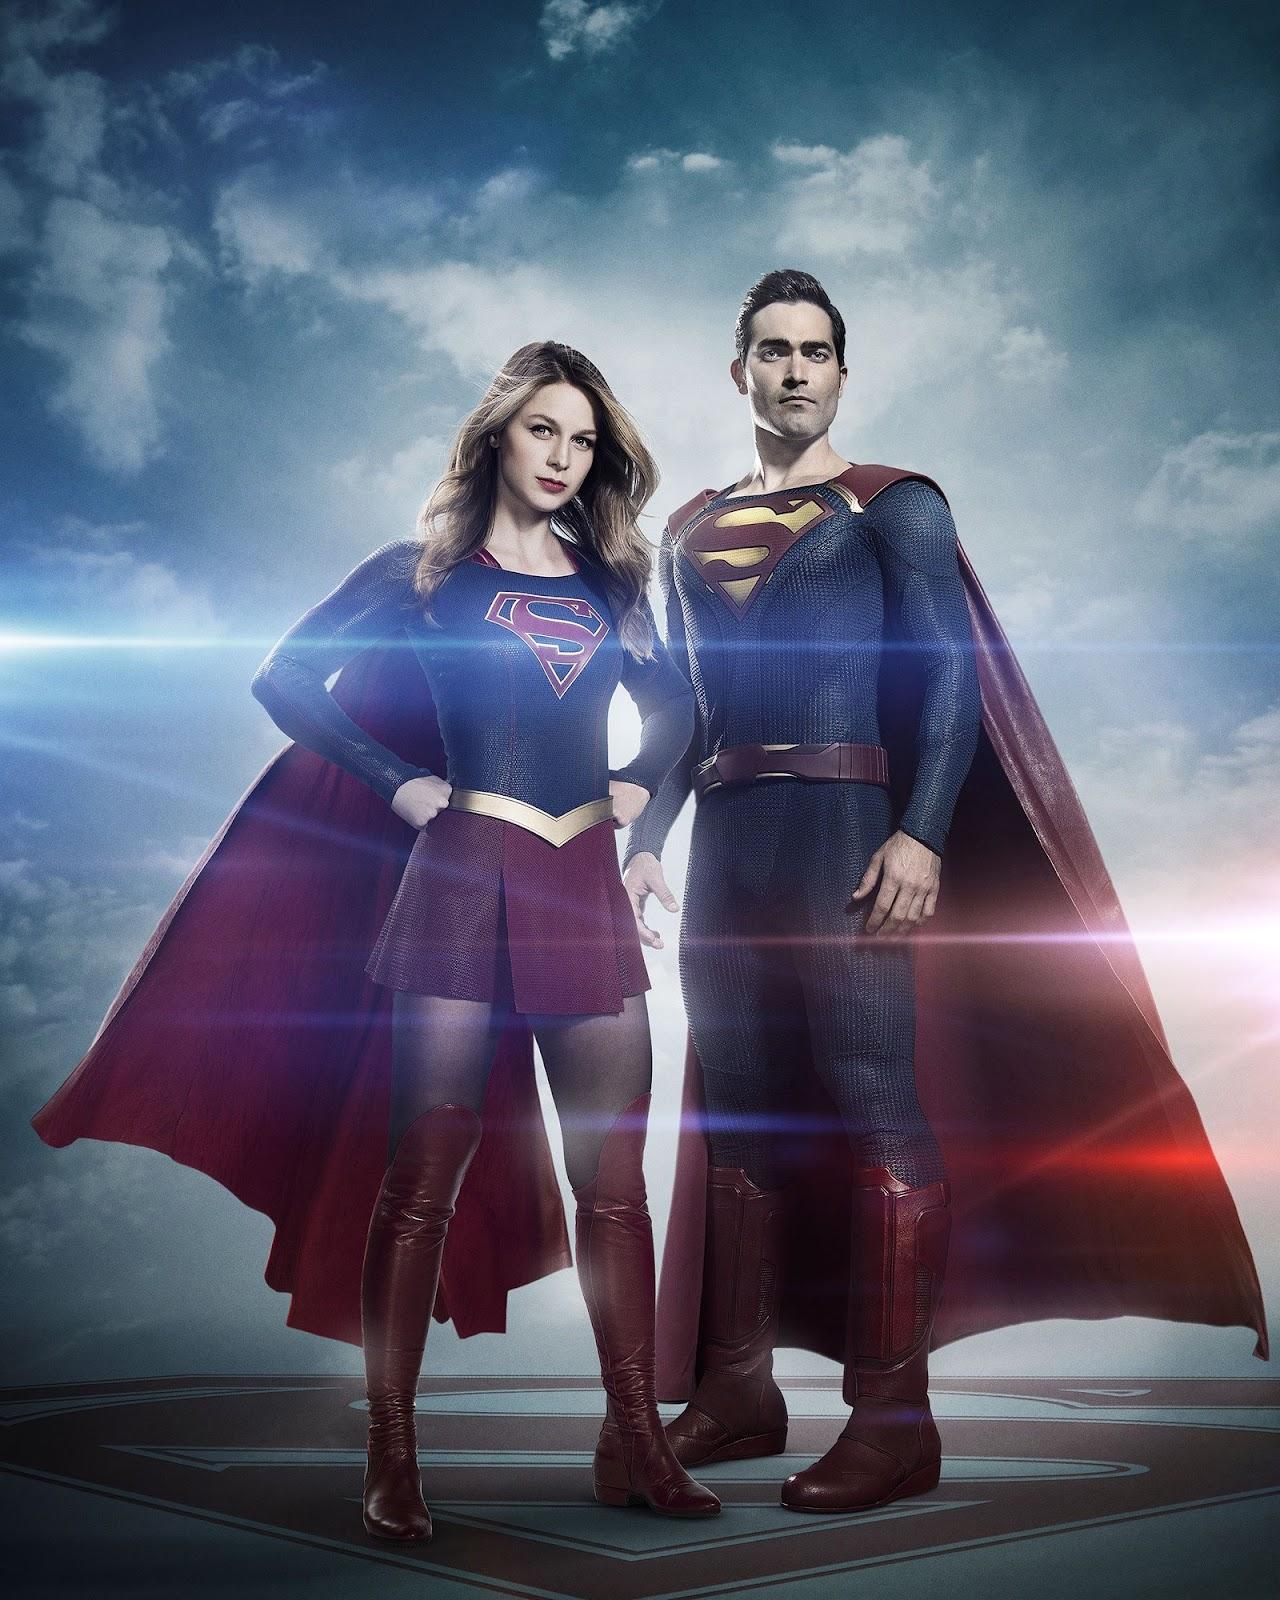 Superman gets laid